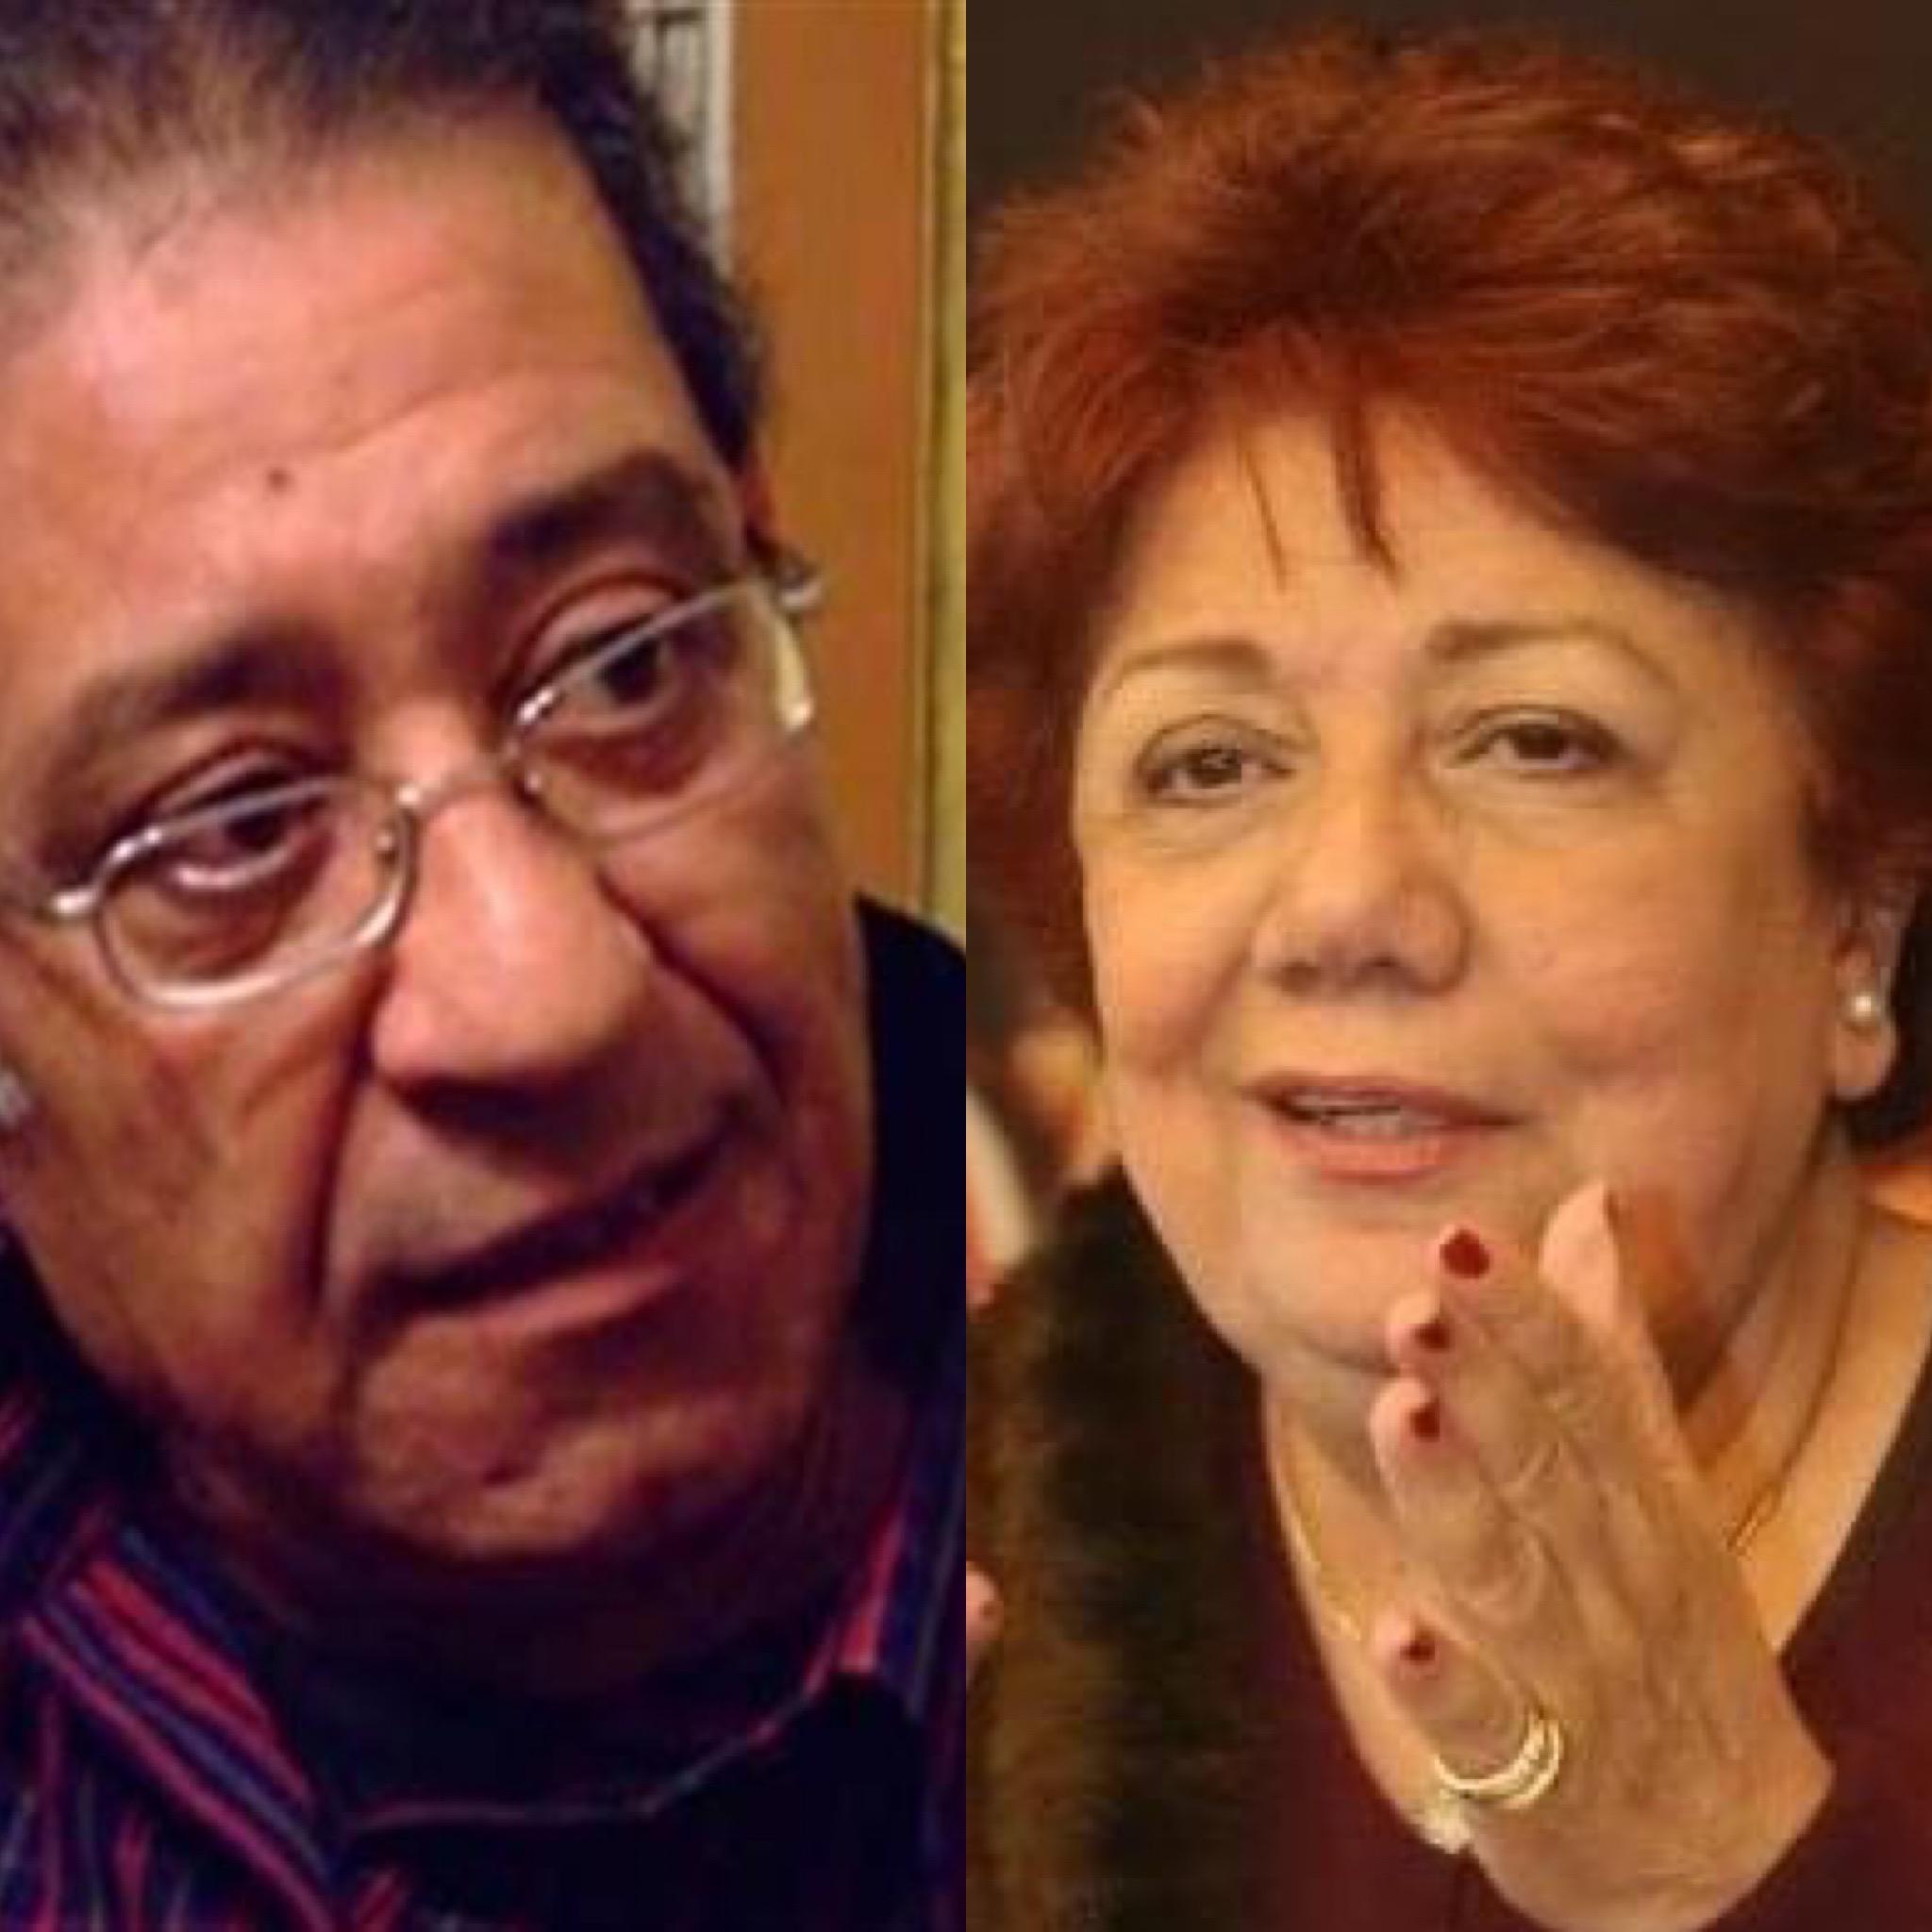 الوجه الآخر للكاتب المسرحي للينين الرملي كما تراه زوجته فاطمة المعدول